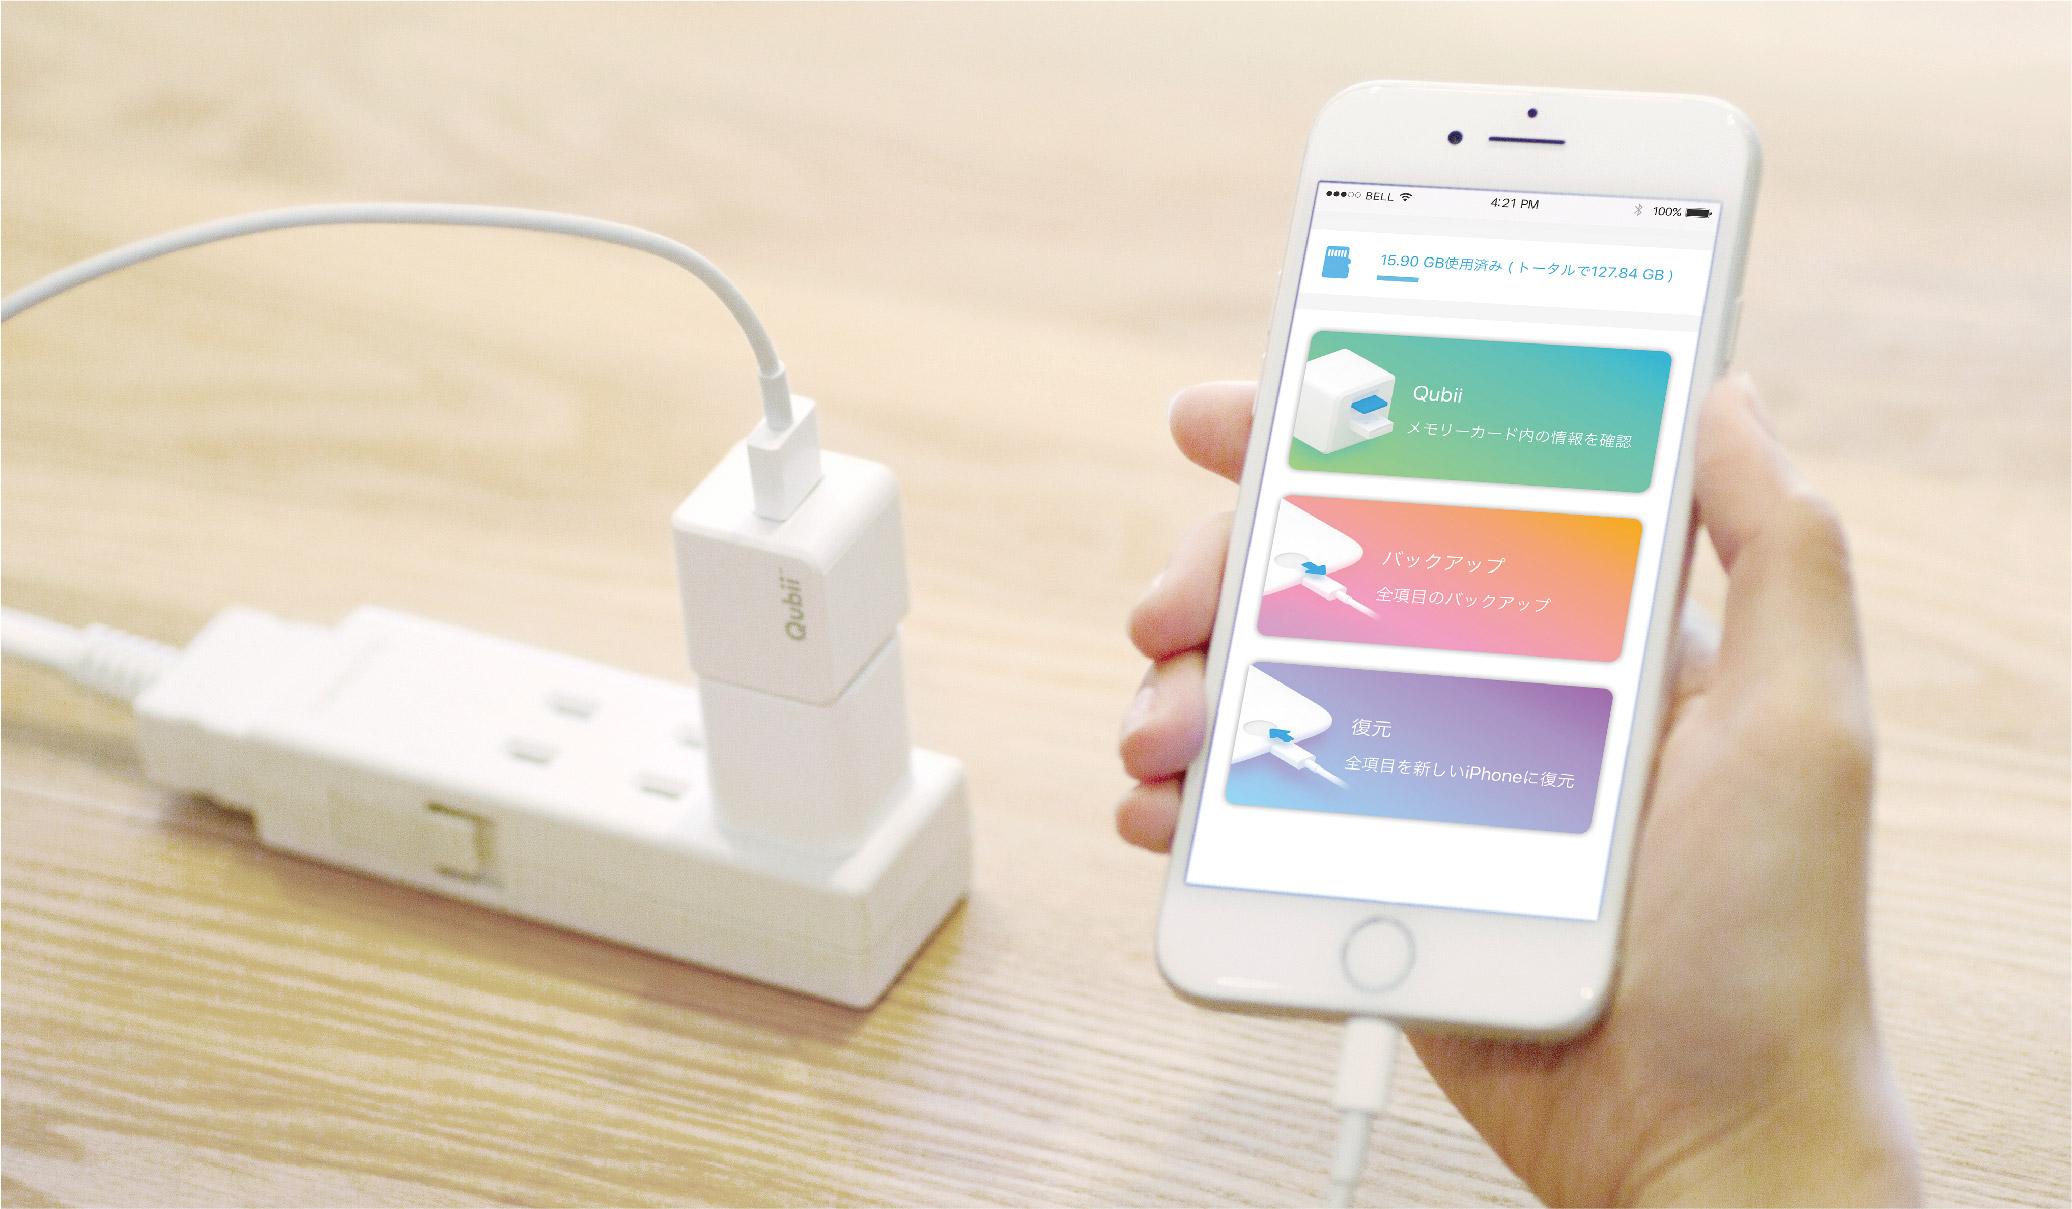 Qubii - 充電器に接続するQubiiなら、毎日の充電時に自動的にバックアップされ、バックアップ取り忘れを防げます。データはSDカードに保存するため、iPhoneの容量に合わせたカードを用意すれば、容量不足で失敗する心配もありません。